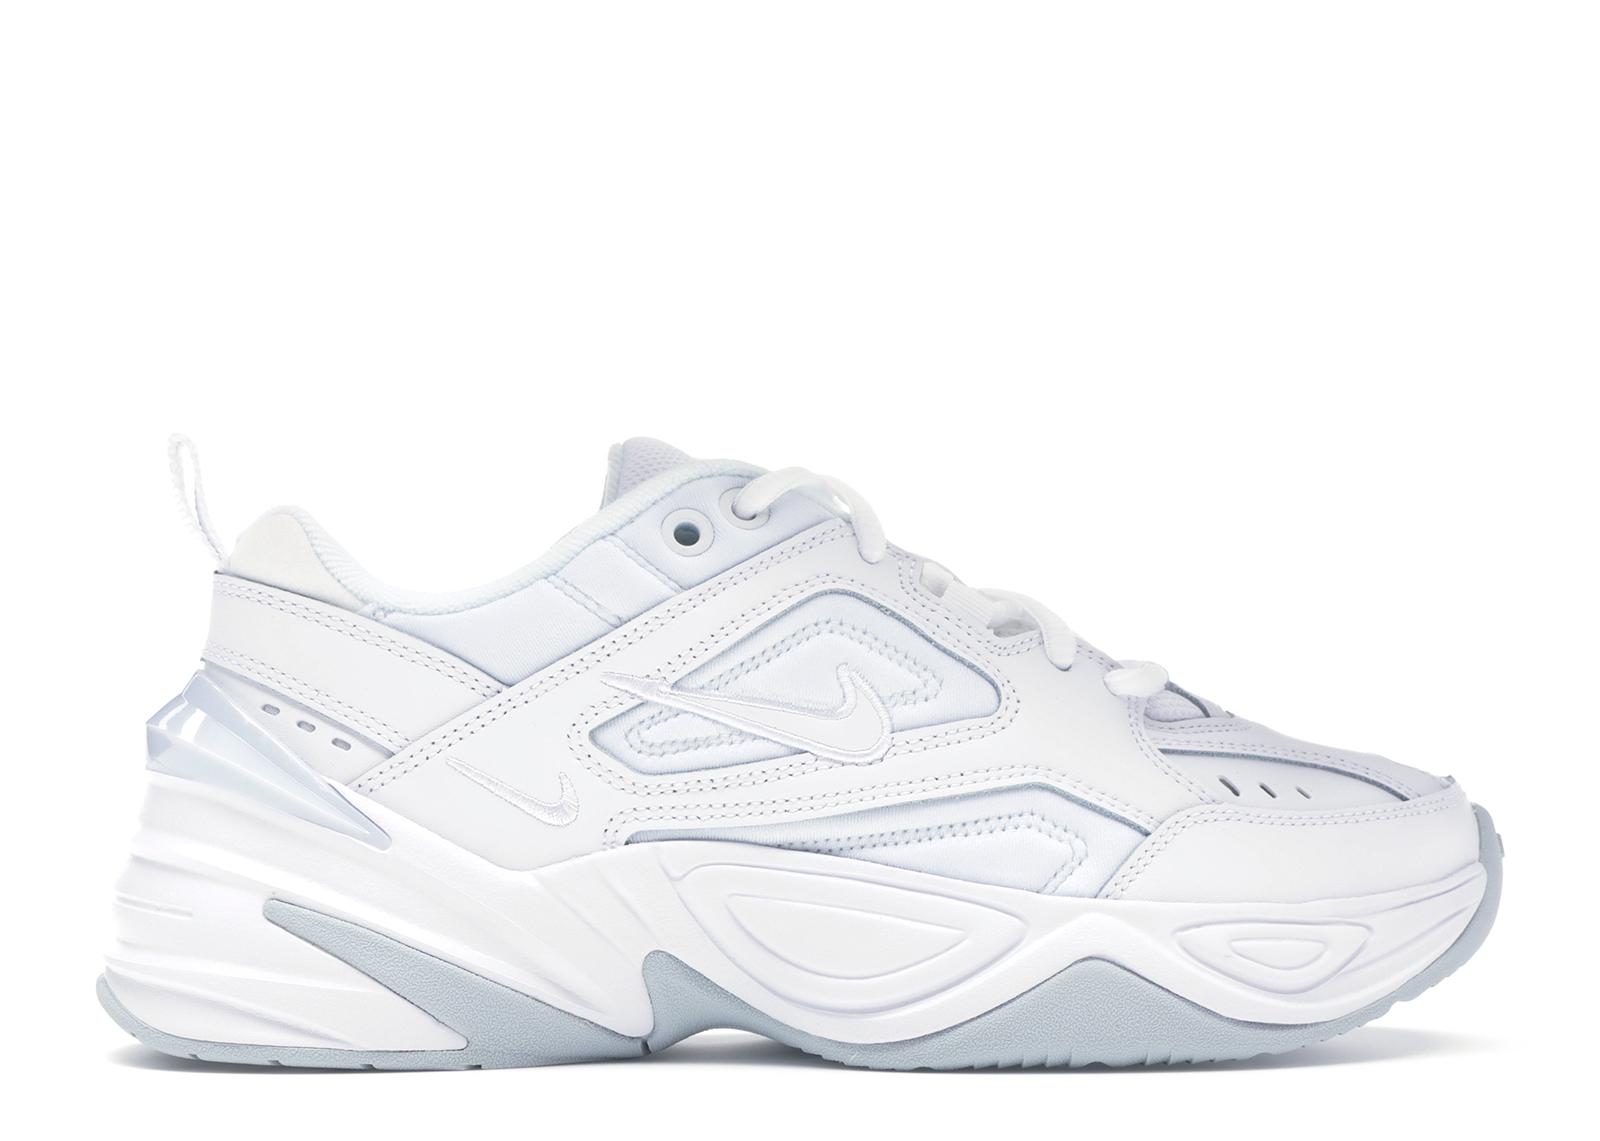 Nike M2K Tekno White Pure Platinum (W) - AO3108-100